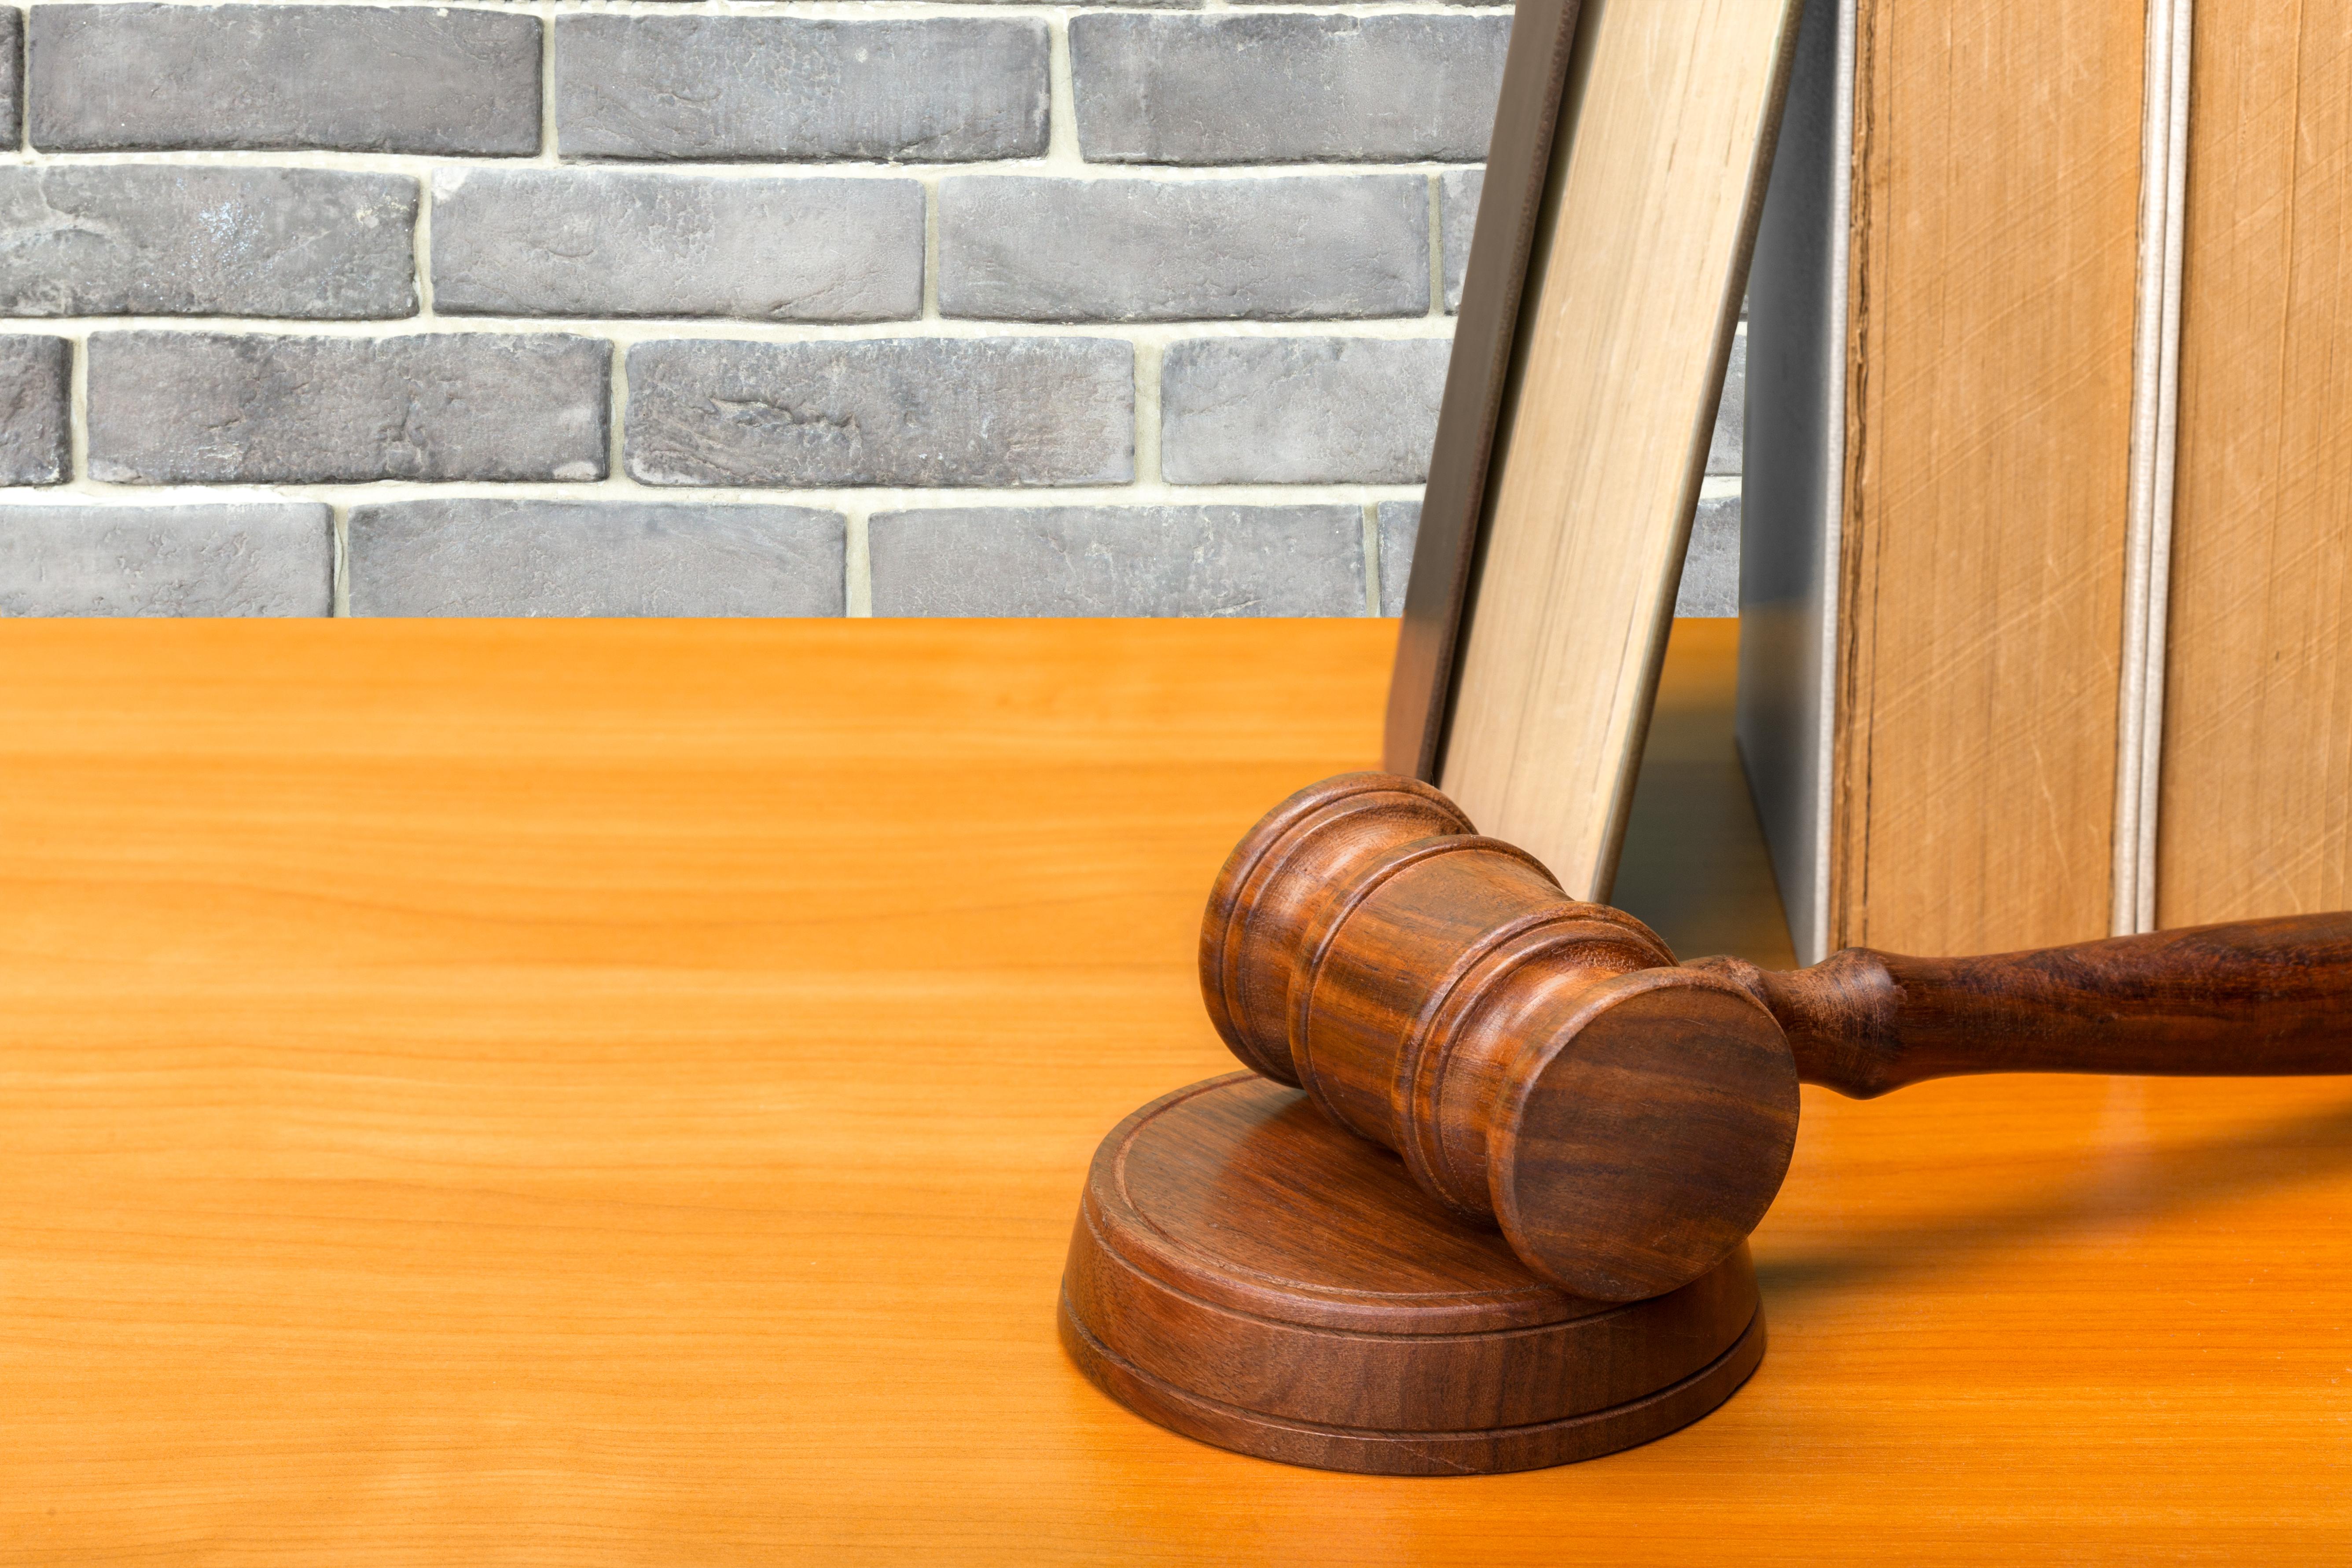 Roma Hukuku Pratikleri sayfasında bugün, İÜHF 2016-2017 Roma Hukuku Final(TEK) Soruları ve Cevap Anahtarı ile karşınızdayız. Hukuk Sebili aracılığı ile.